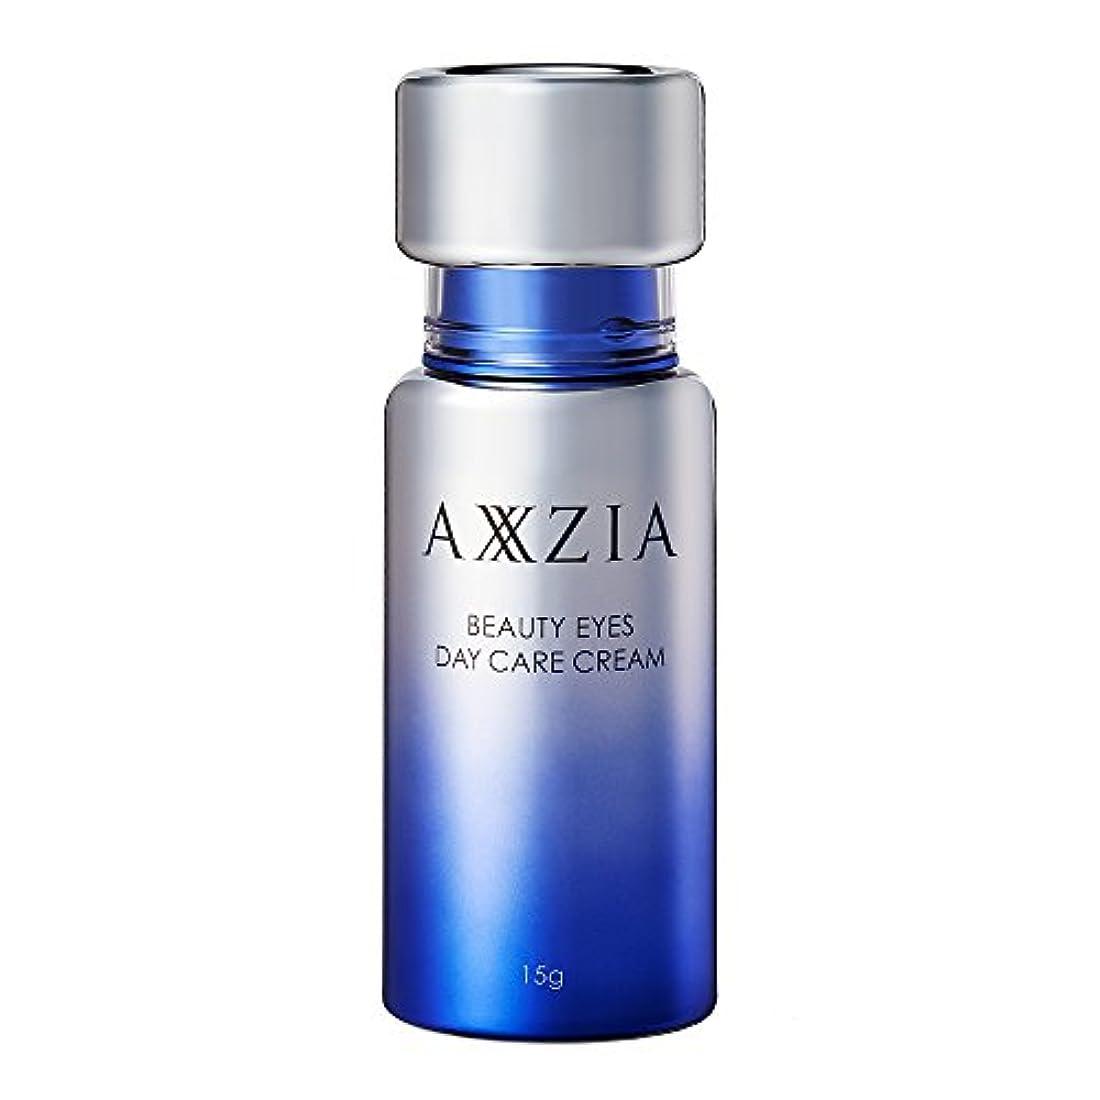 心臓実装する代理人アクシージア (AXXZIA) ビューティアイズ デイ ケア クリーム 15g   アイクリーム 目の下のたるみ 化粧品 解消 目元のたるみ